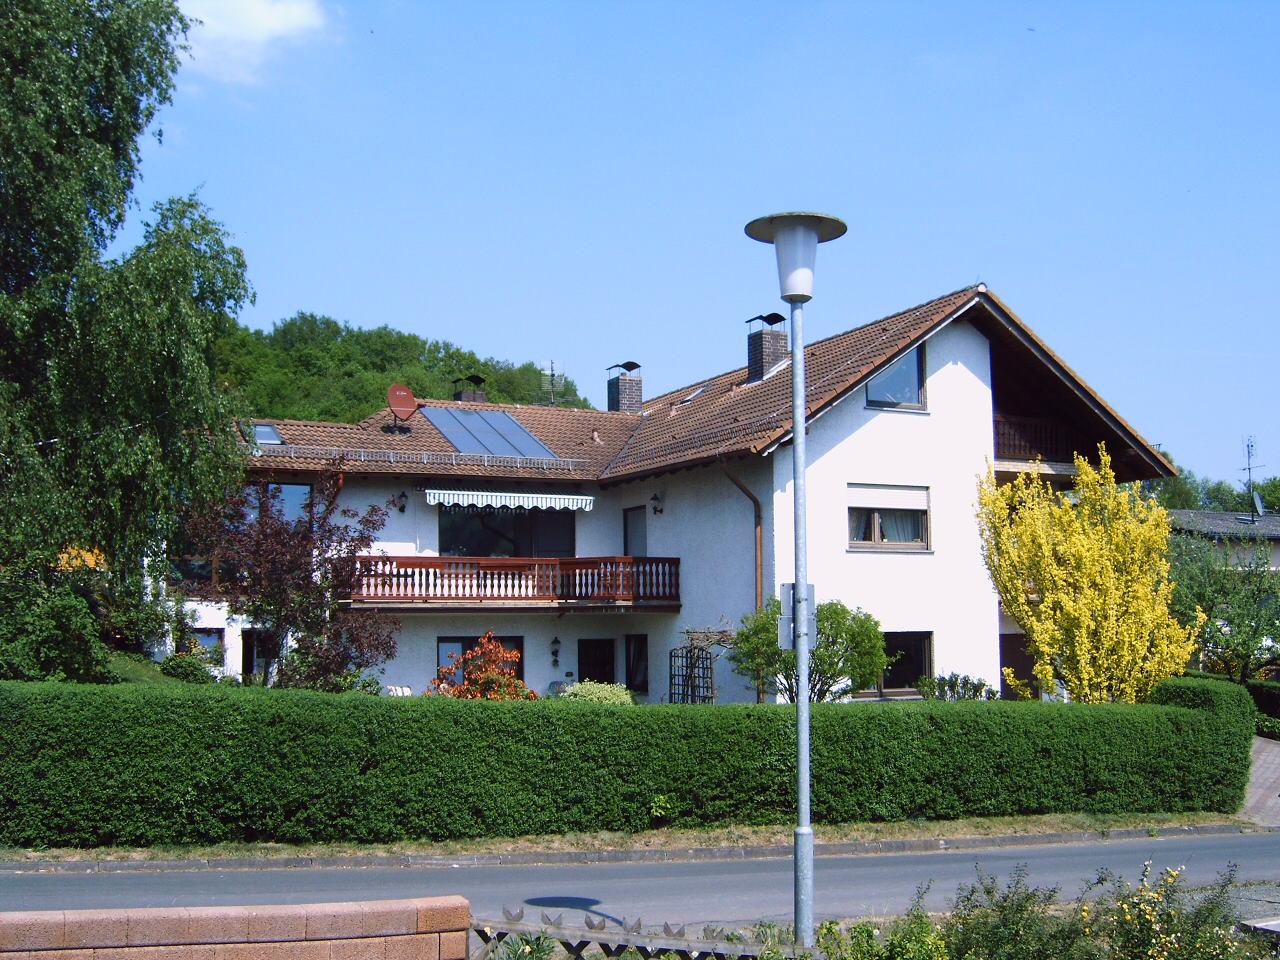 Ferienwohnung haus am burgwaldpfad herzlich willkommen for Haus design mac